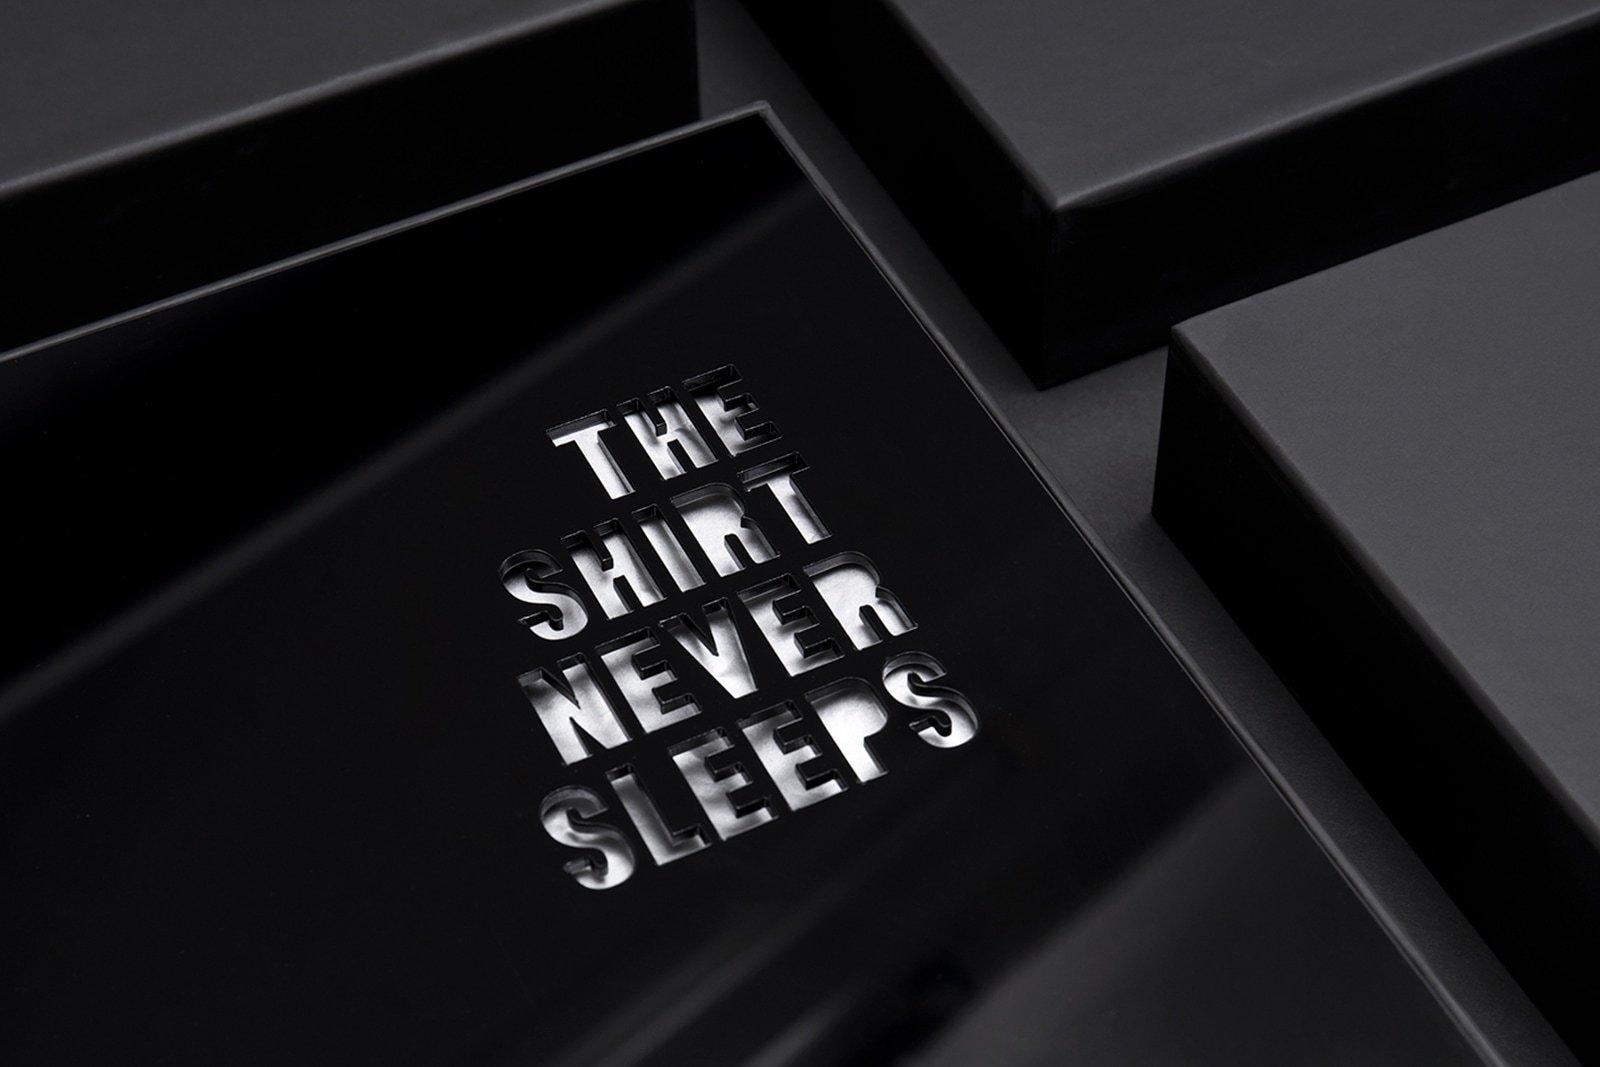 Oxigen_-The-Shirt-That-Never-Sleeps-03-1600x1067.jpg